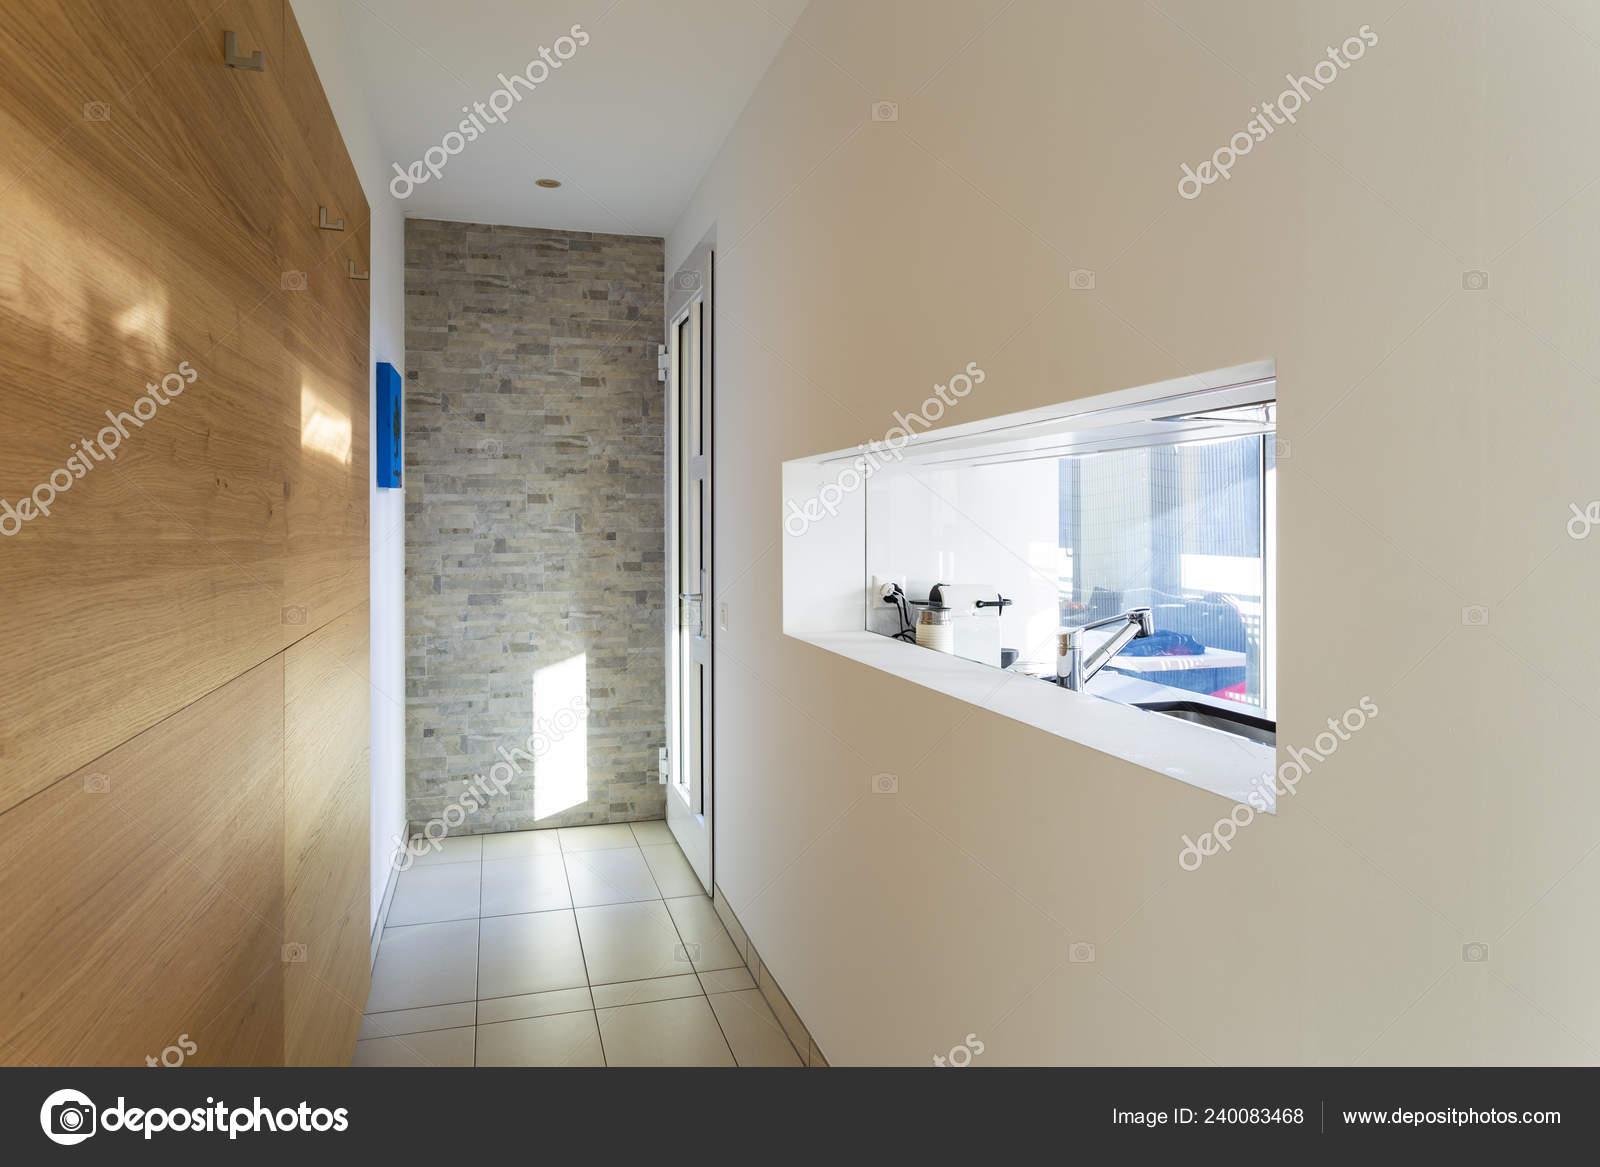 Eingang Mit Flur Und Fenster Der Küche Niemand Inneren ...